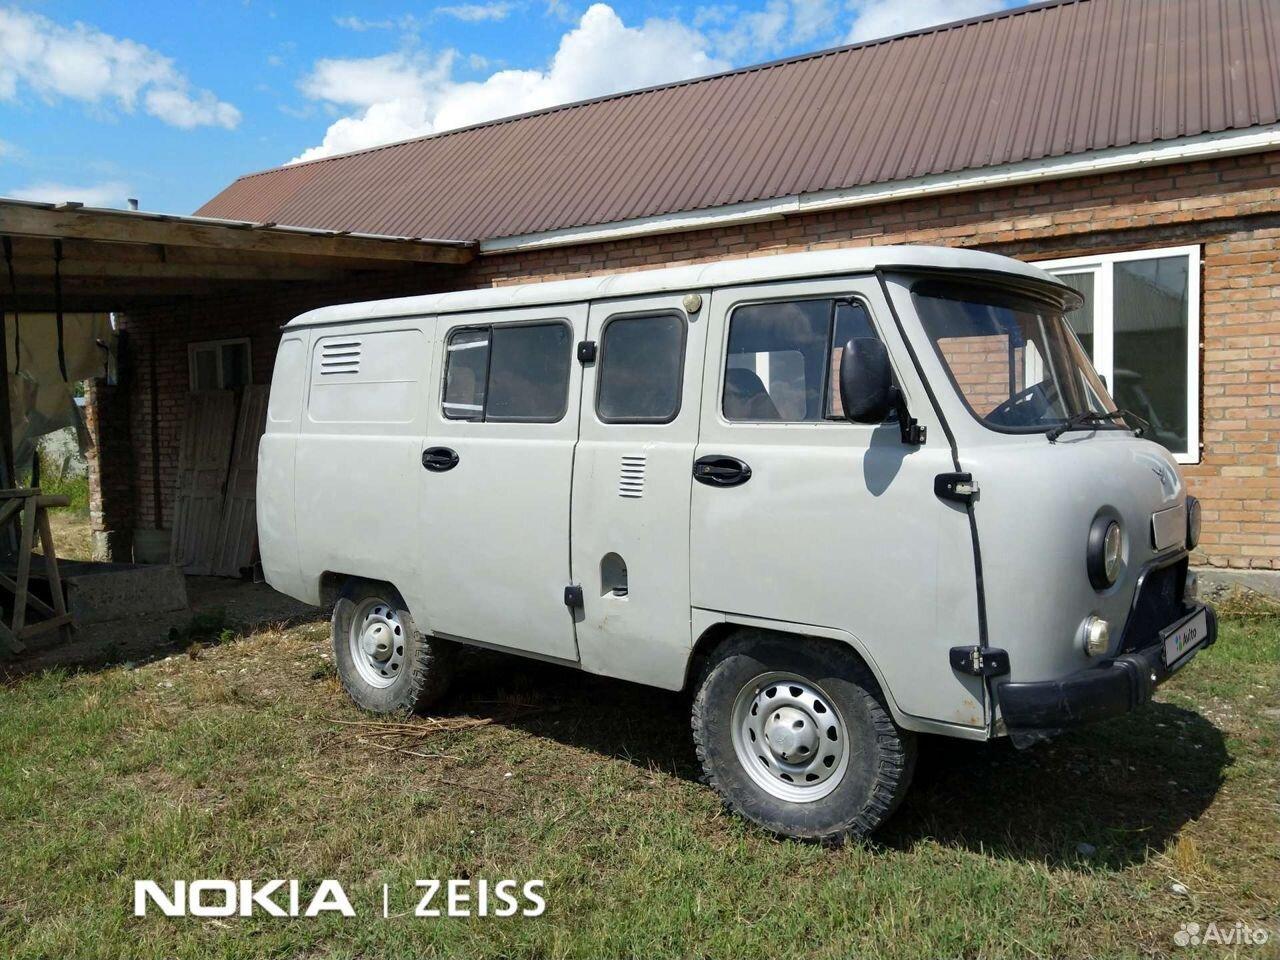 УАЗ 39095, 2012 89047276607 купить 1